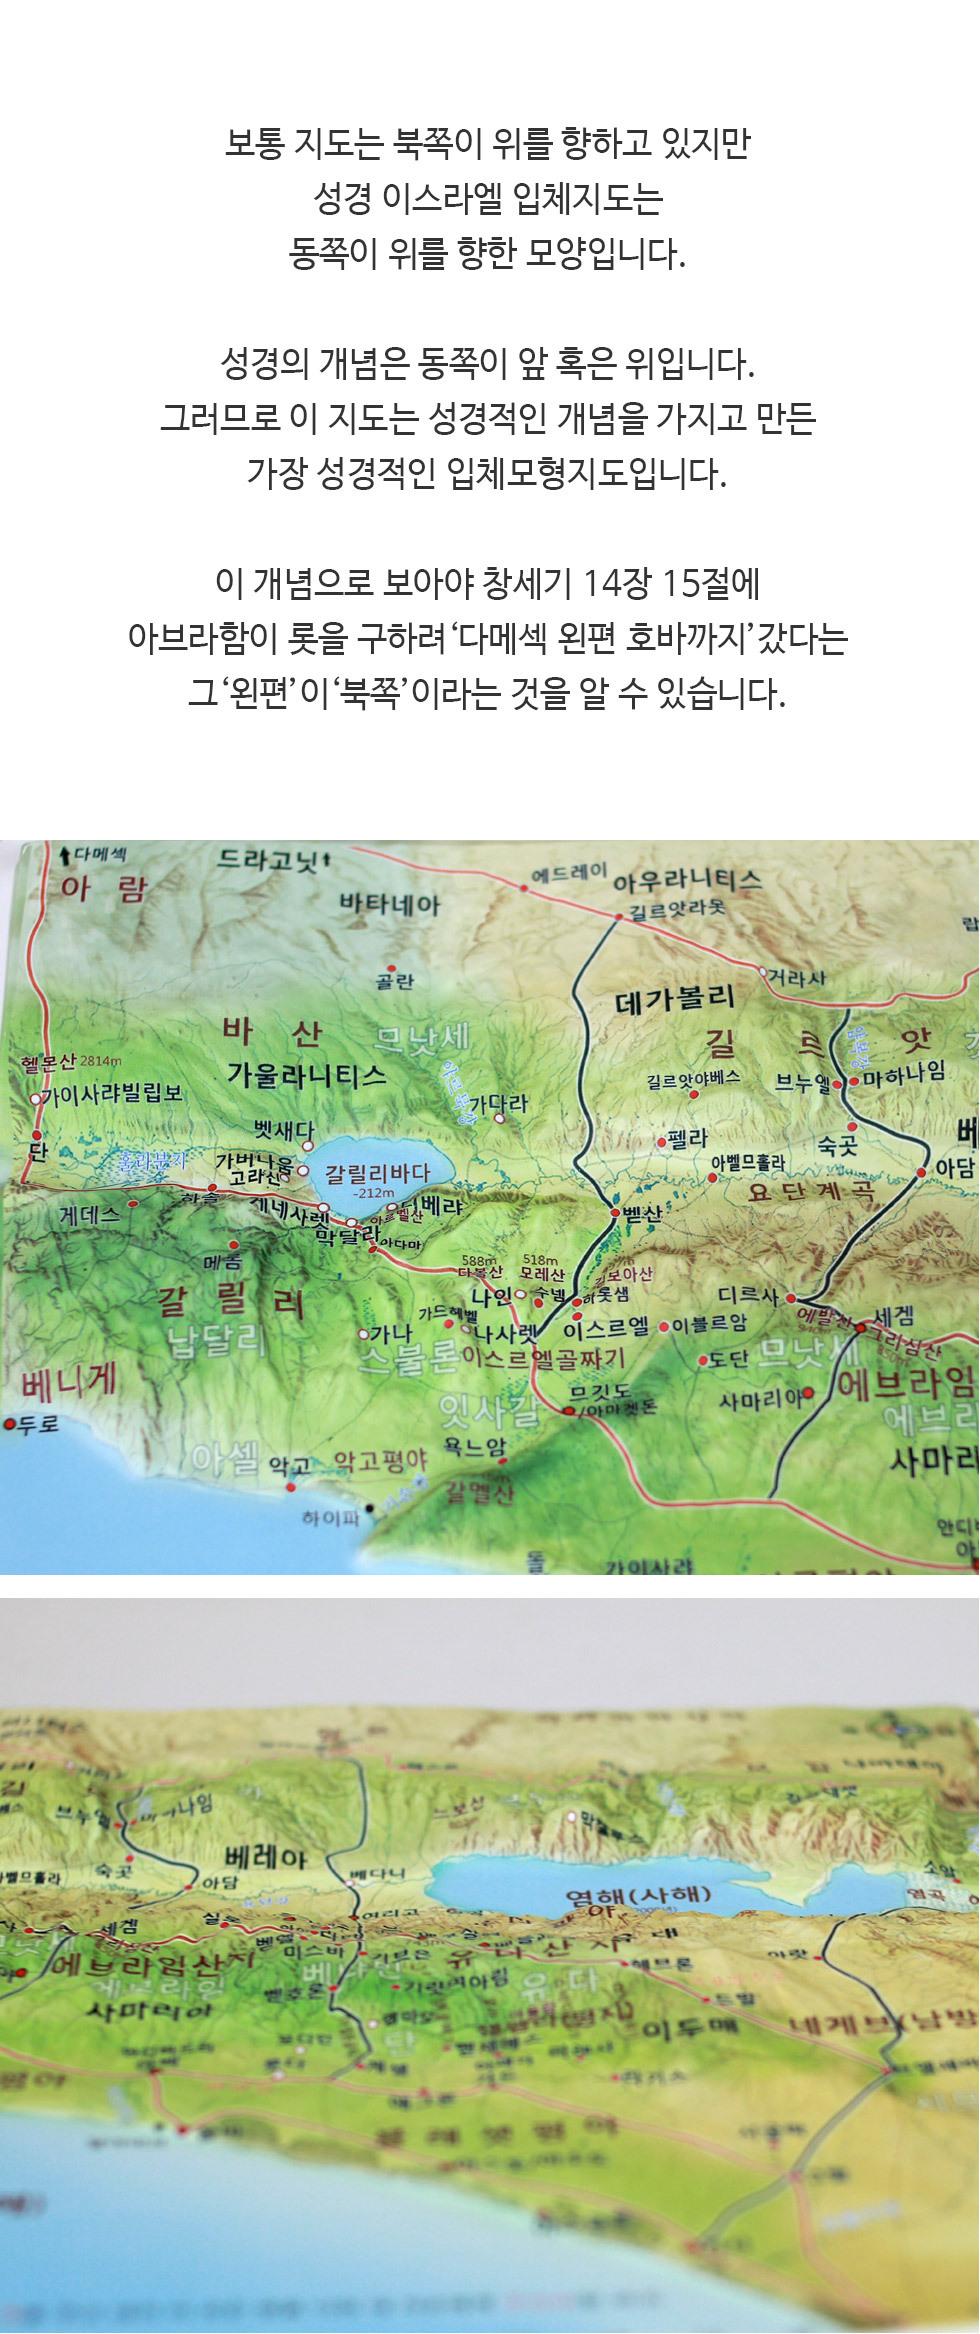 이스라엘 입체지도 - 성경적 개념으로 만든 방위, 지형 이해